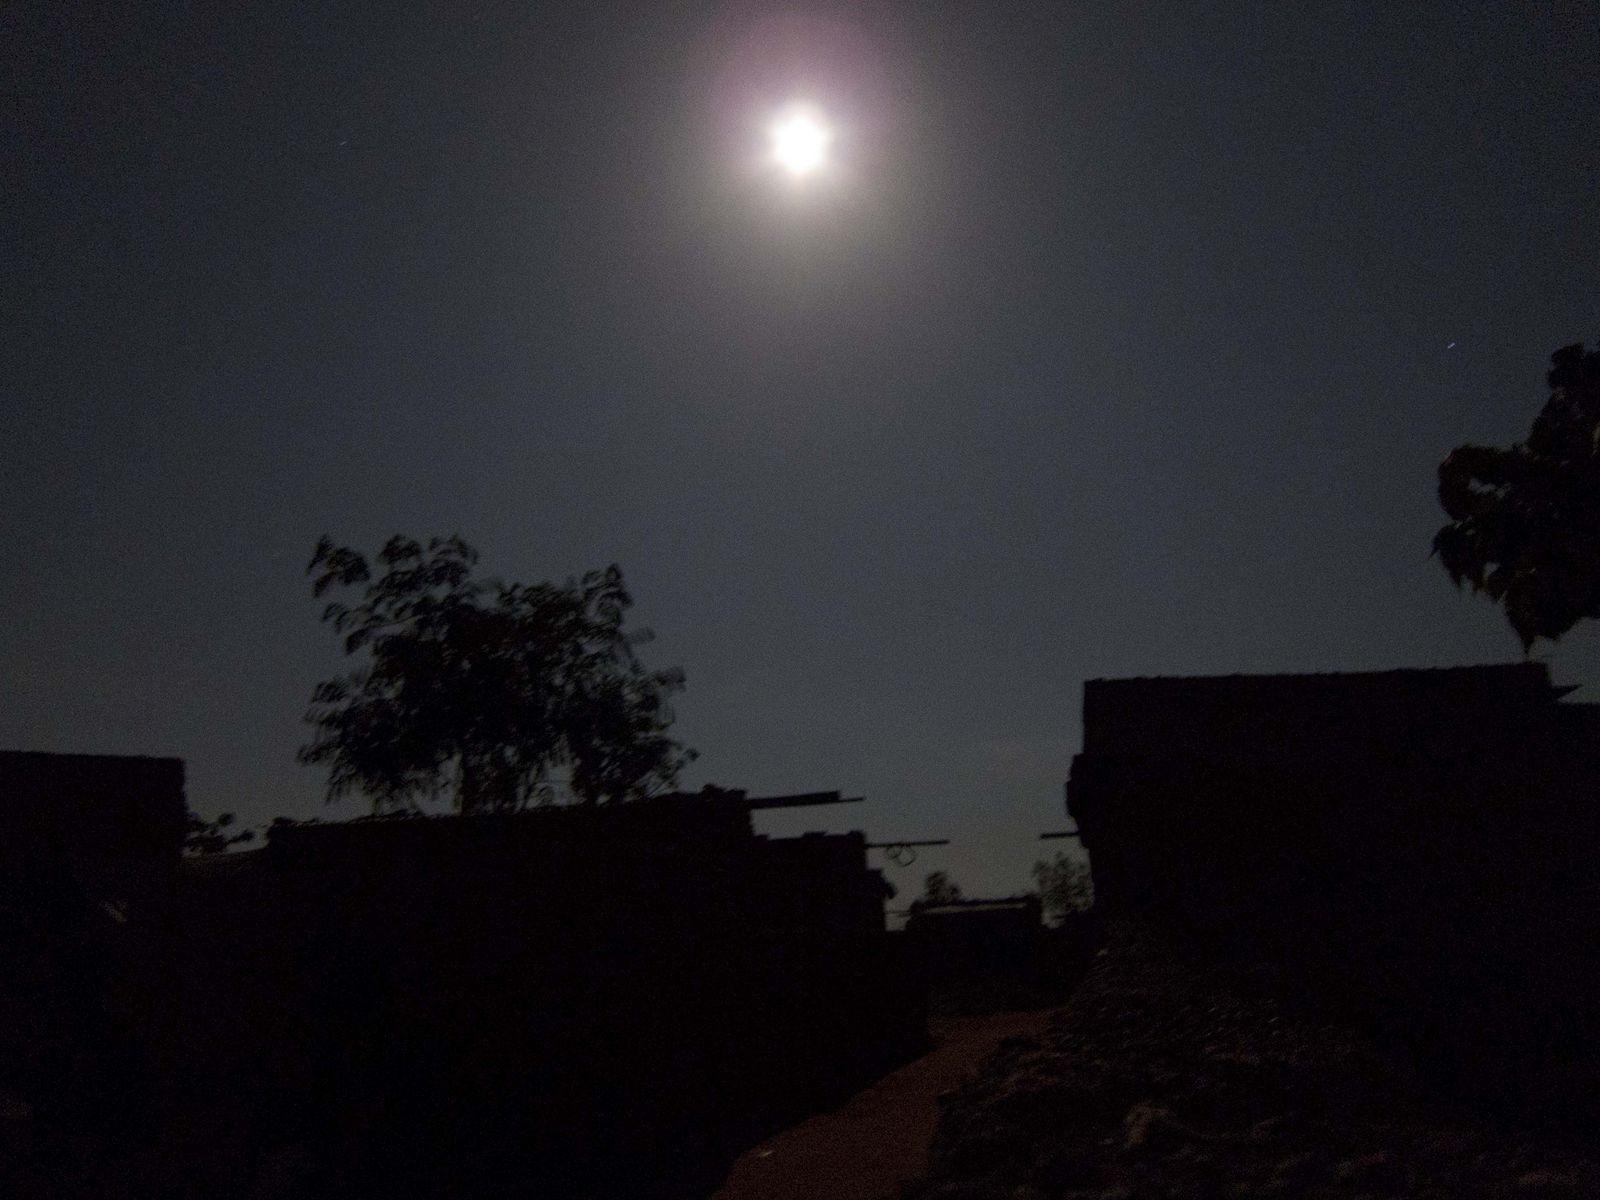 中秋の名月in アフリカ!_a0124588_7224996.jpg